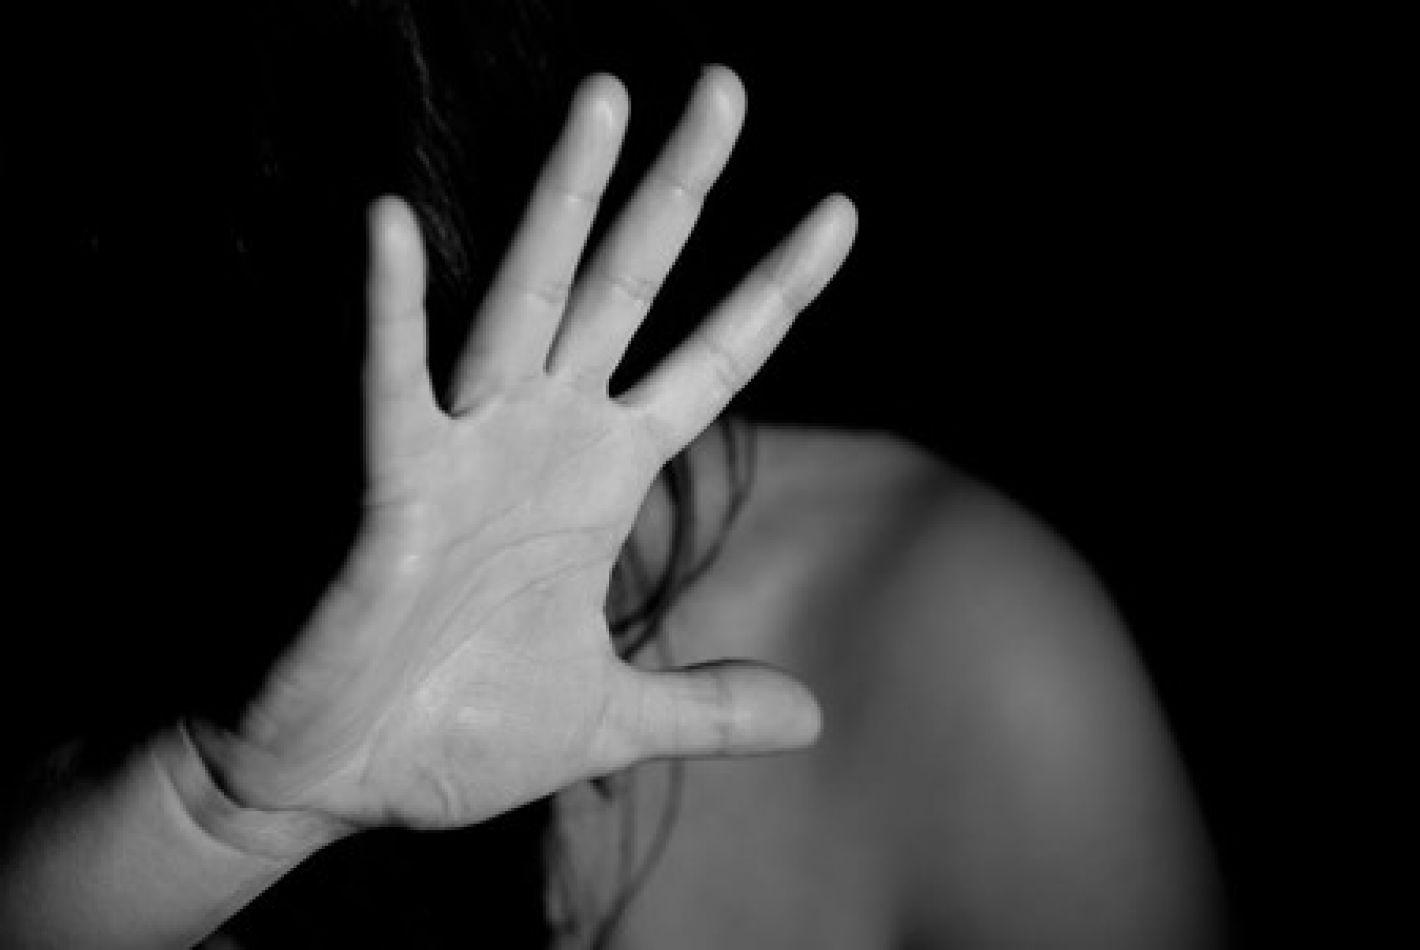 Tres imputados por un violento ataque a una mujer en el norte de Salta